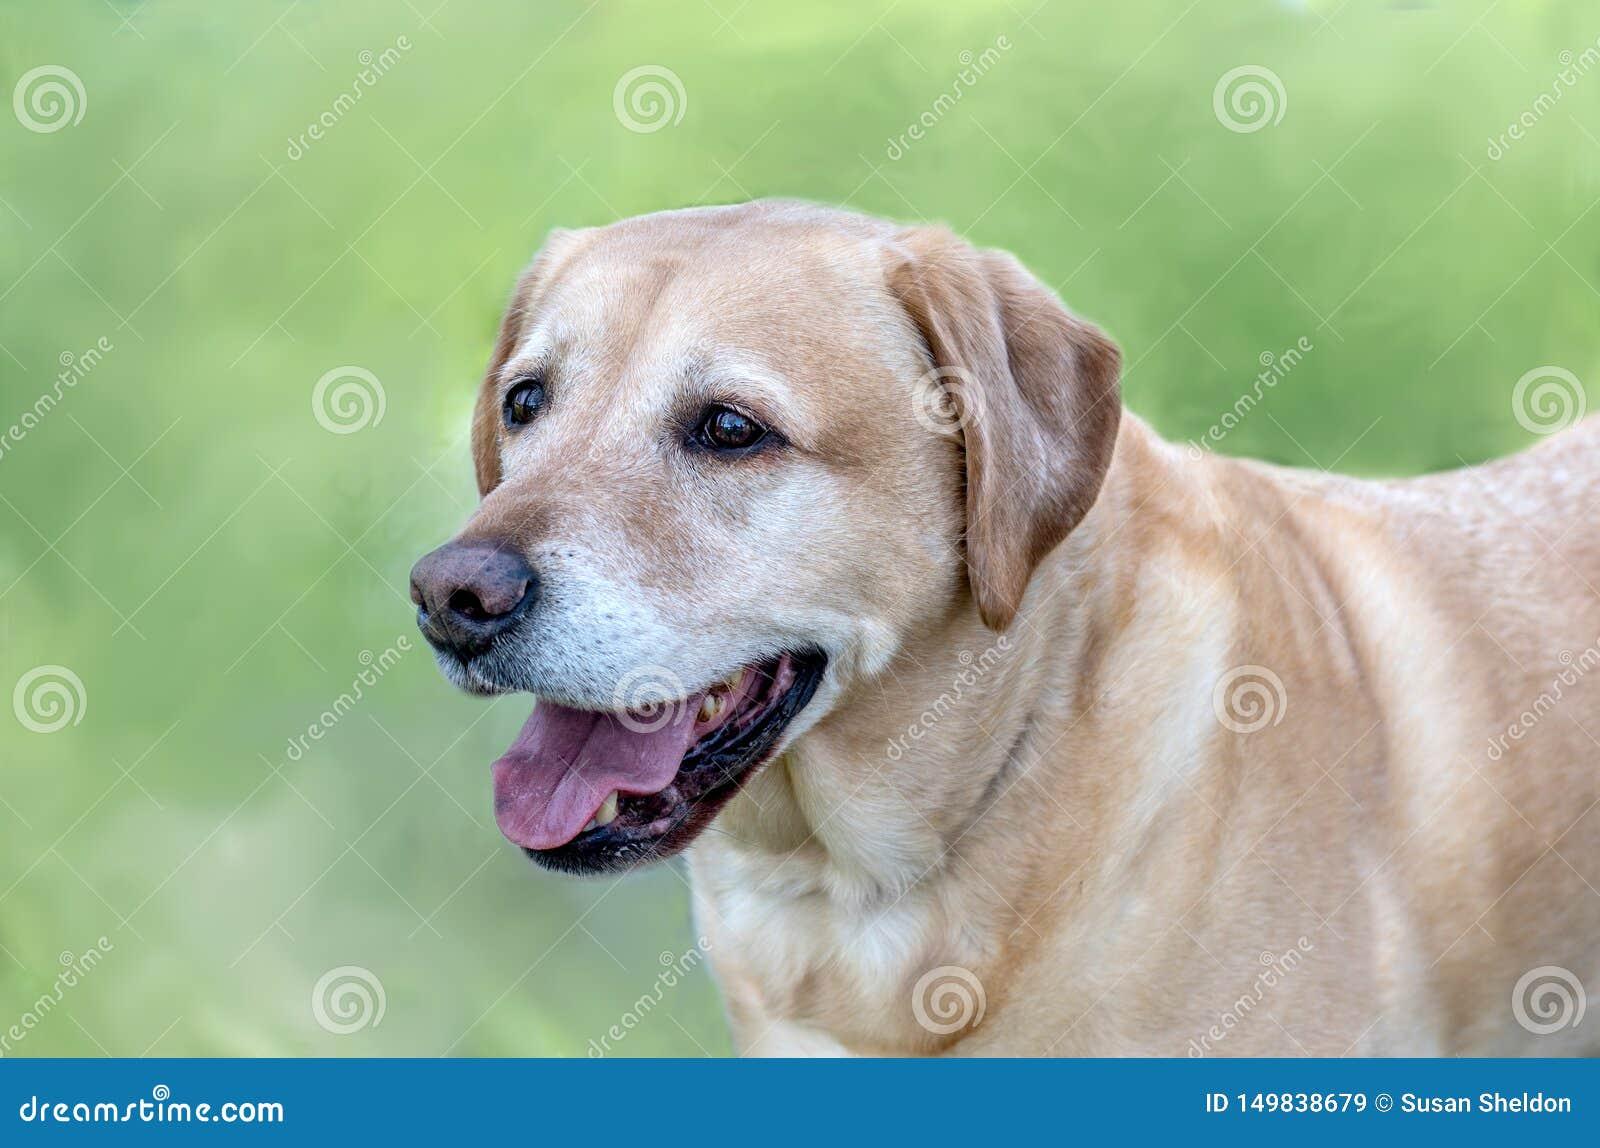 Hunde- Porträt des schönen golden retriever